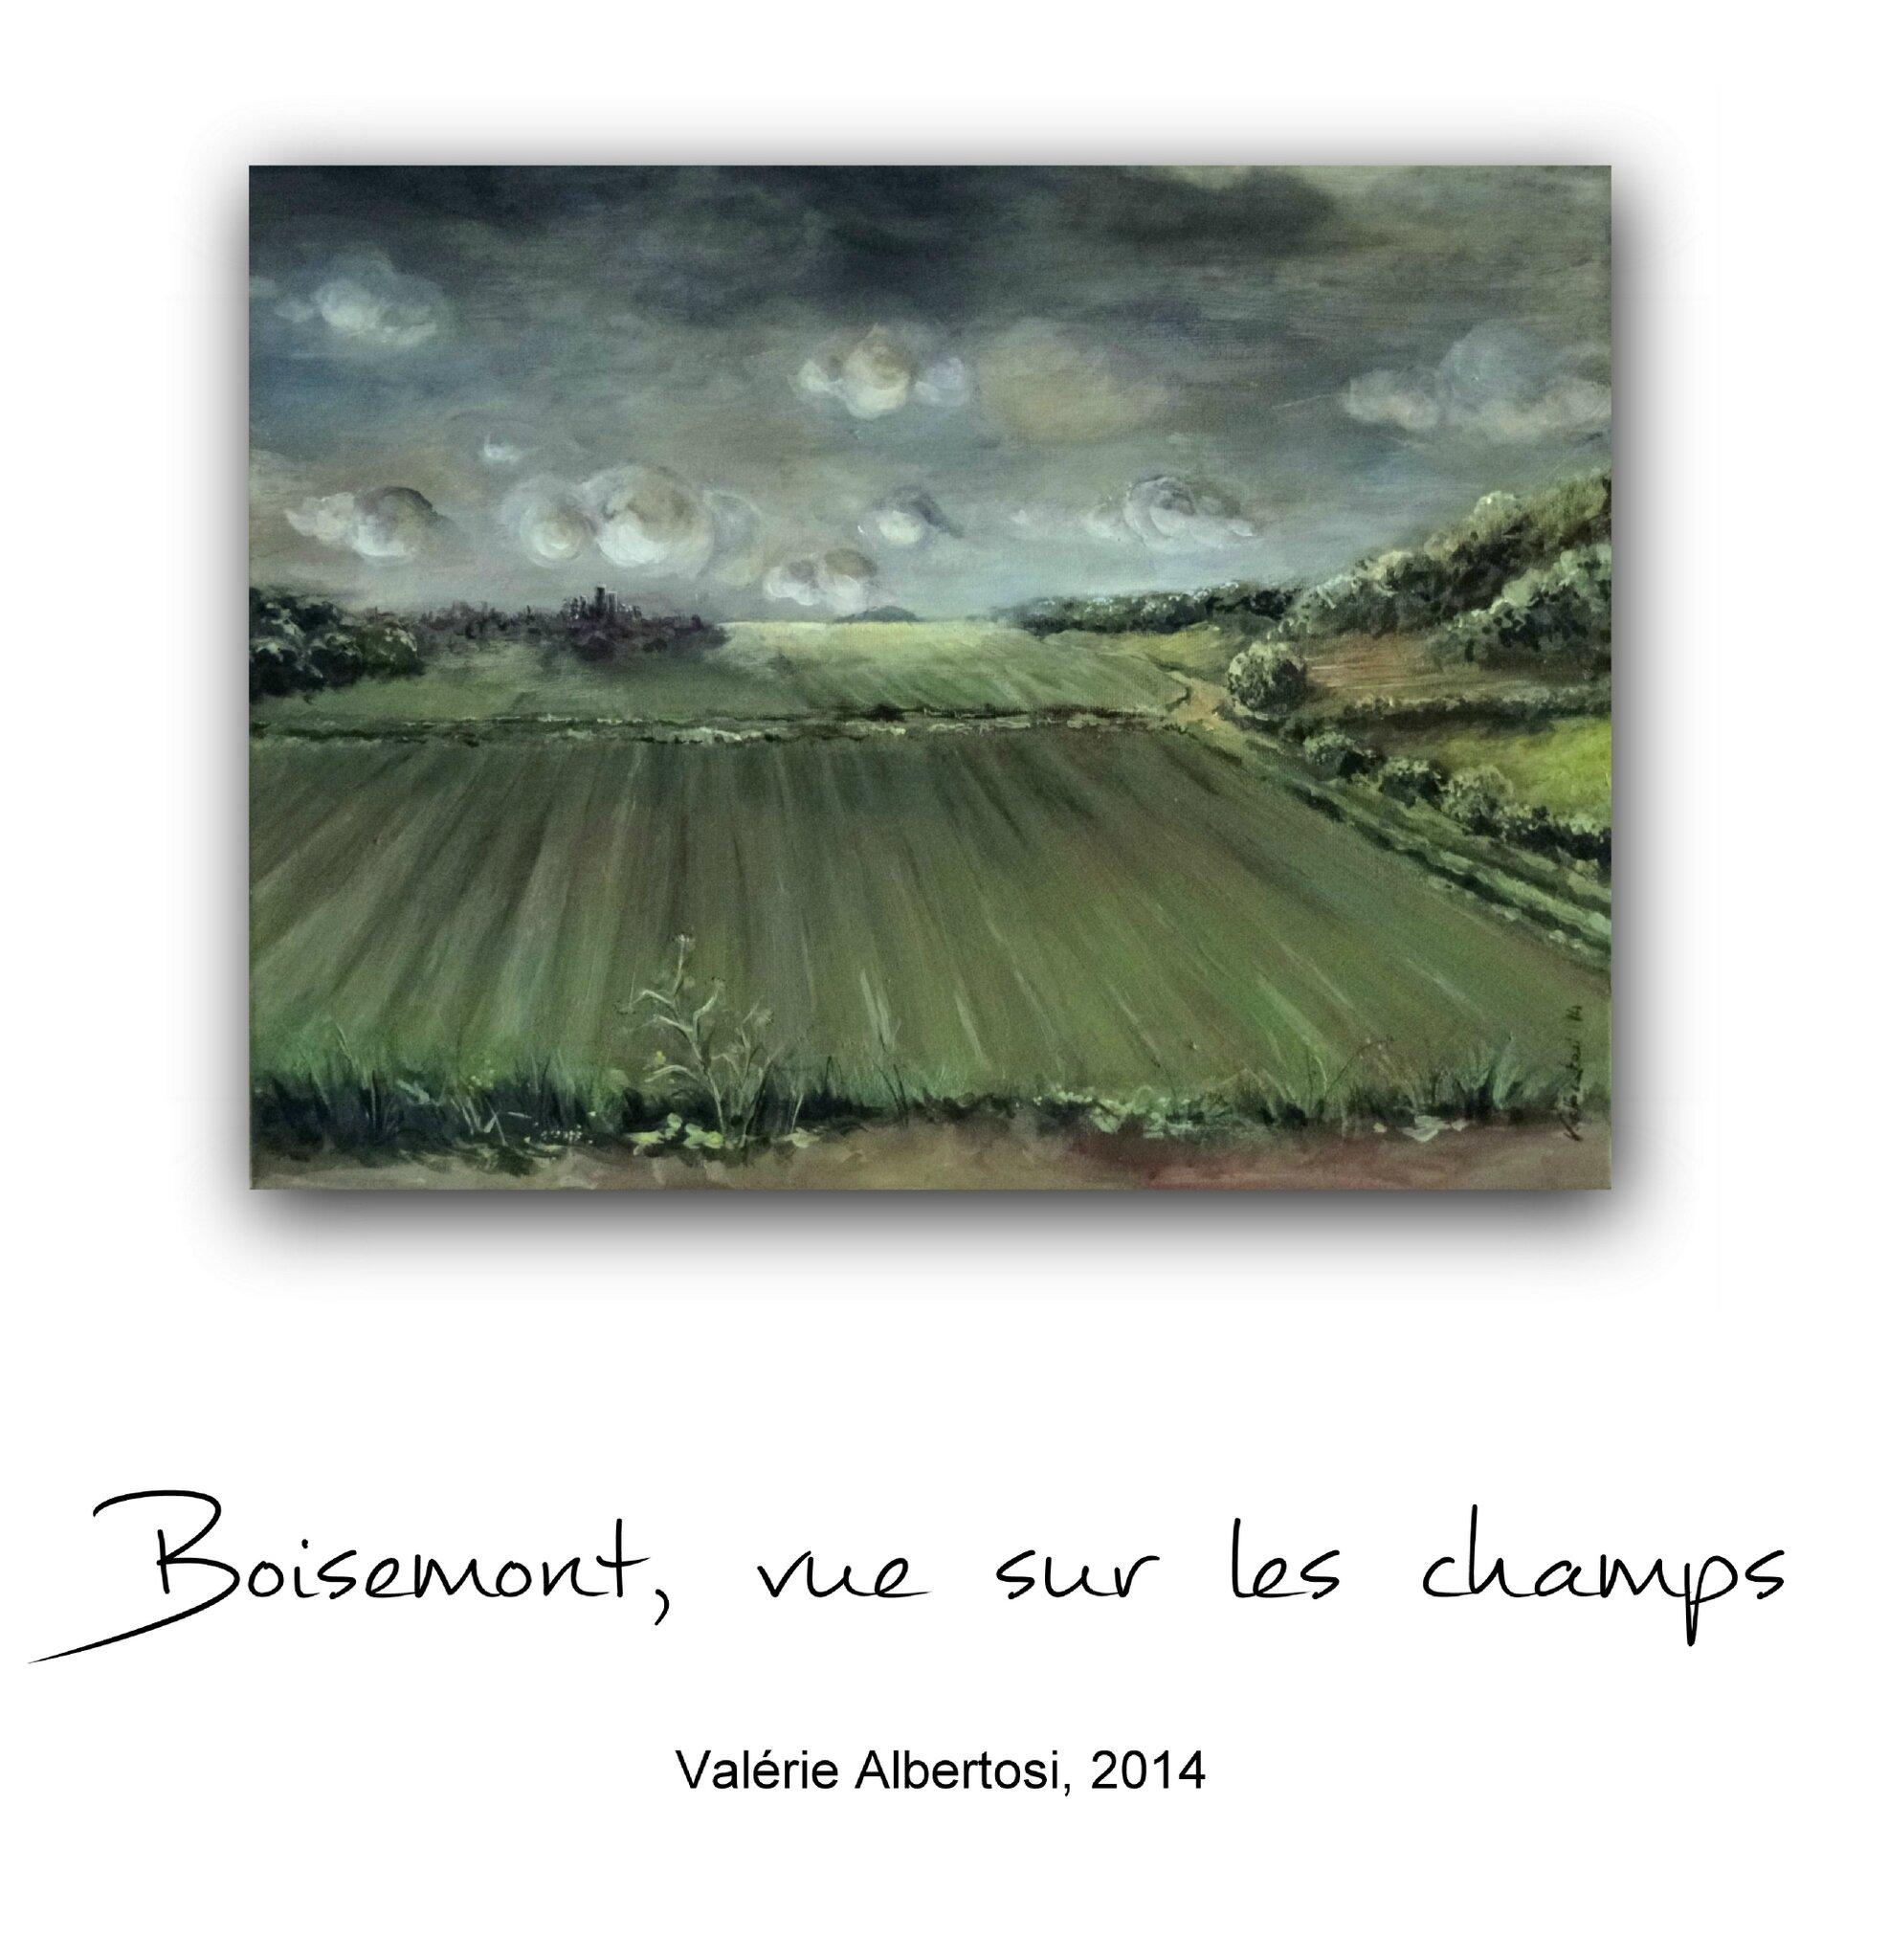 peinture BOISEMONT vue sur les champs Paris, village, val d'oise, valerie albertosi